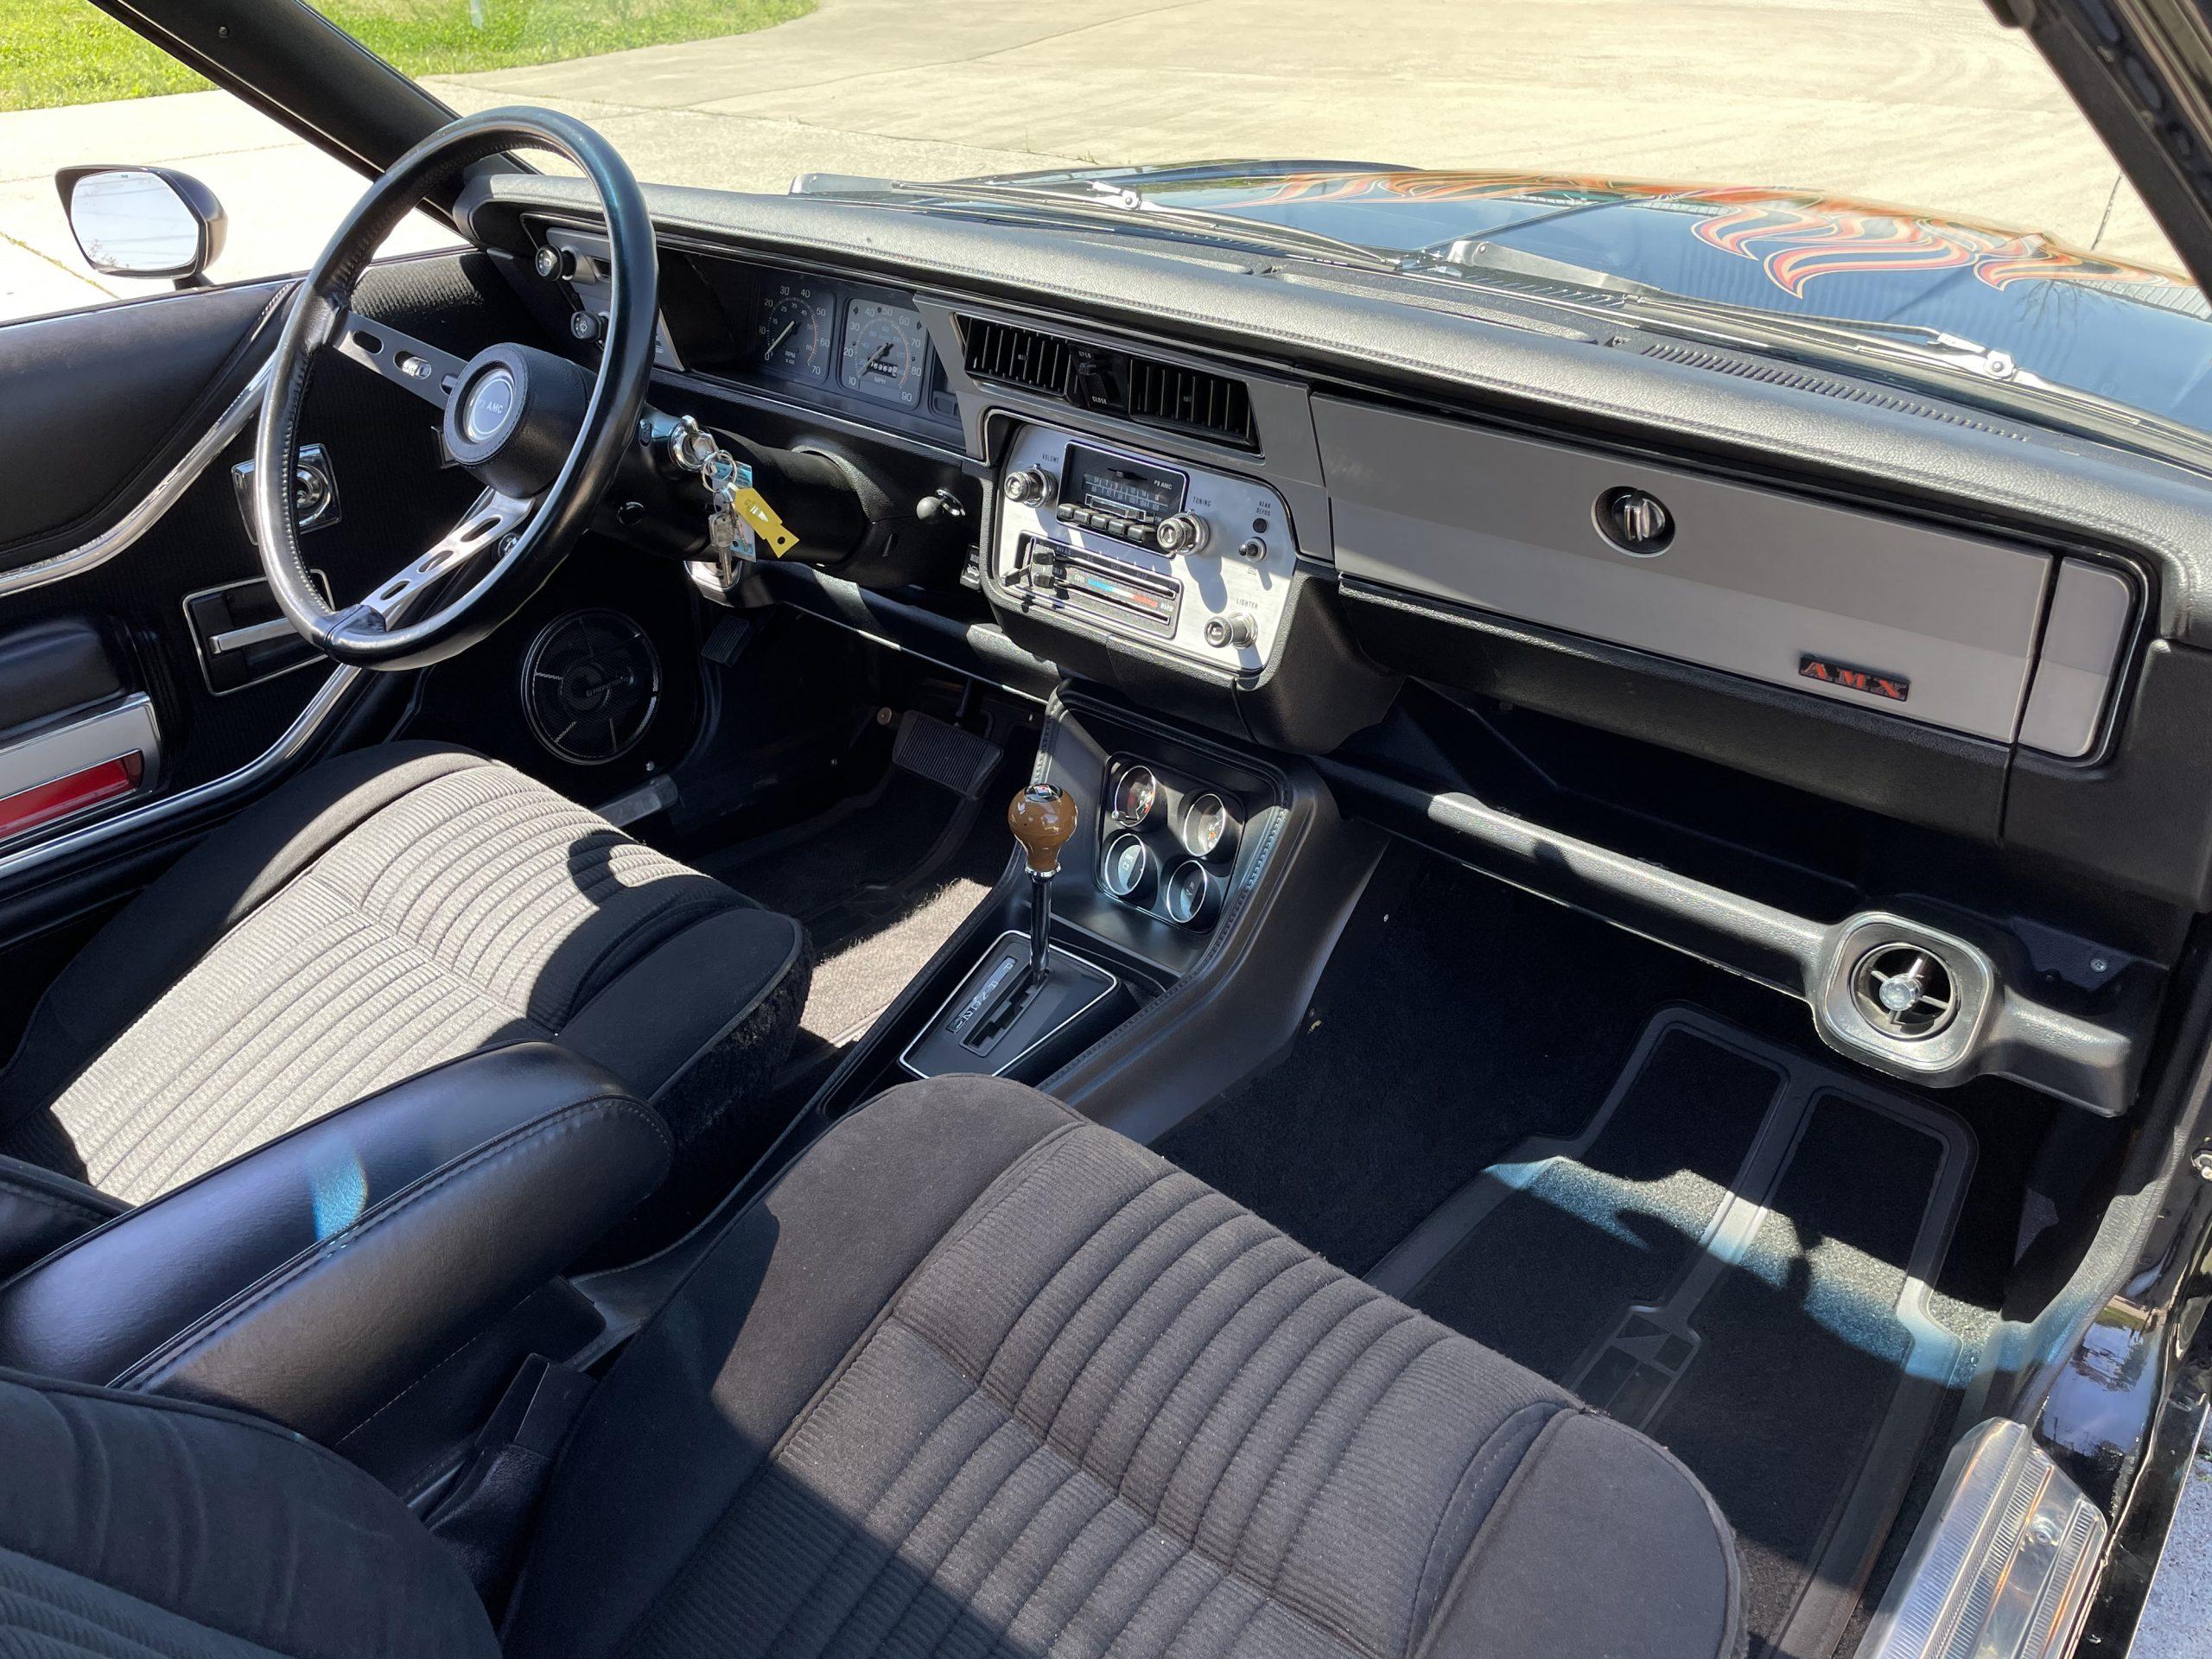 1979-AMC-Spirit-AMX interior